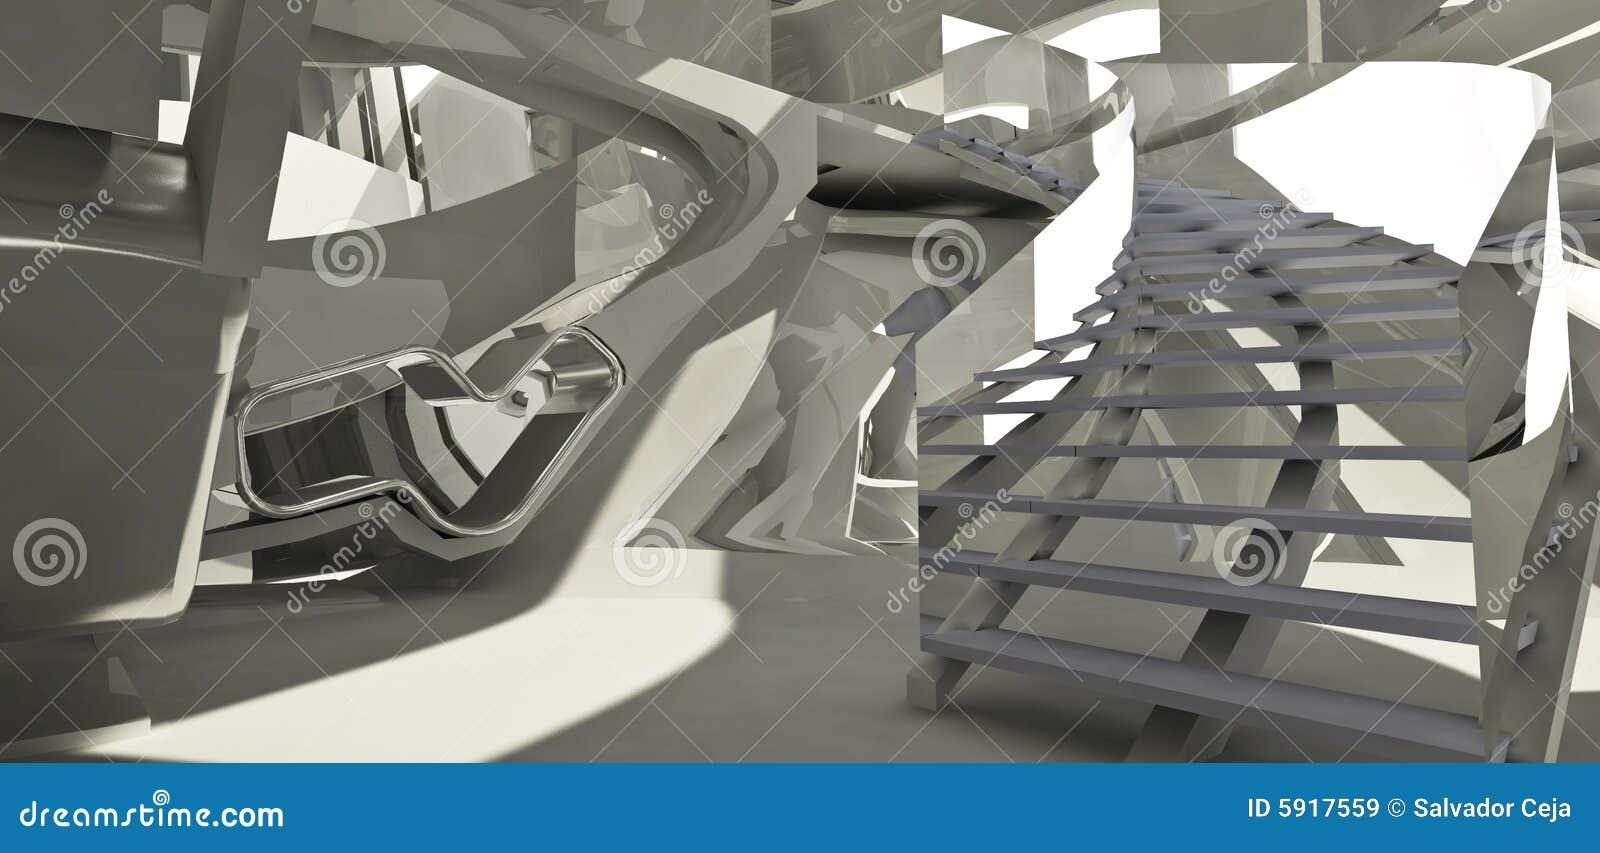 Futuristic architecture interi